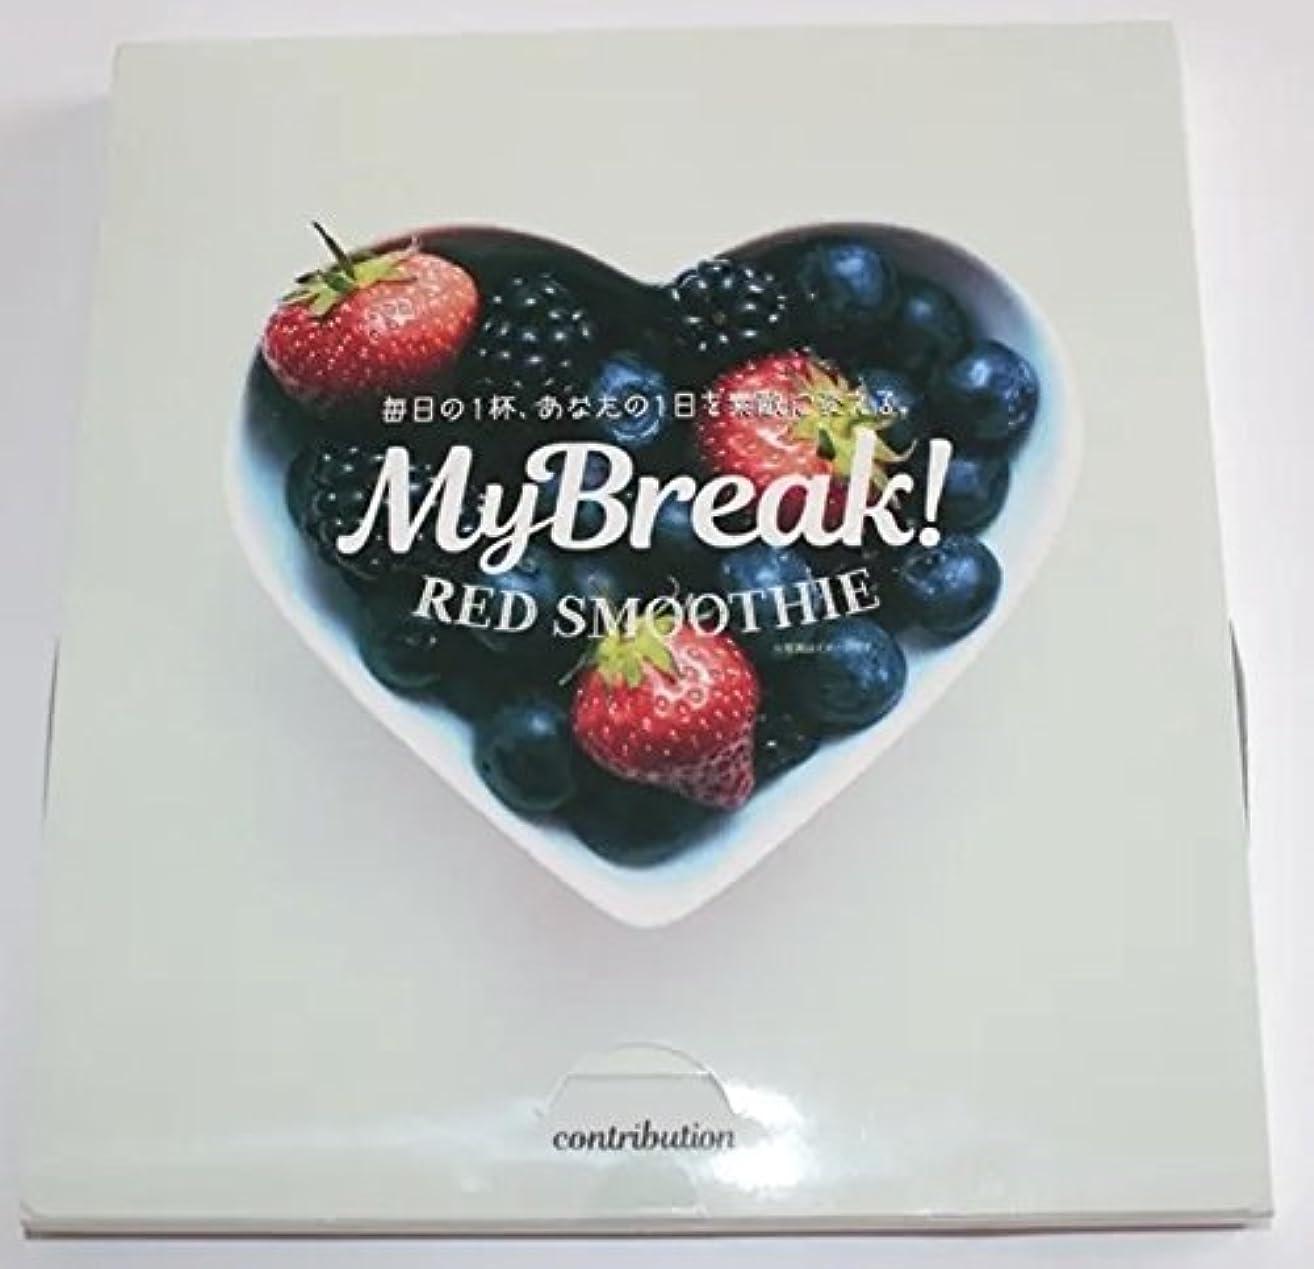 セグメント評論家代表してMyBreak! RED SMOOTHIE マイブレイク レッドスムージー 150g(1包5g×30包) [並行輸入品]